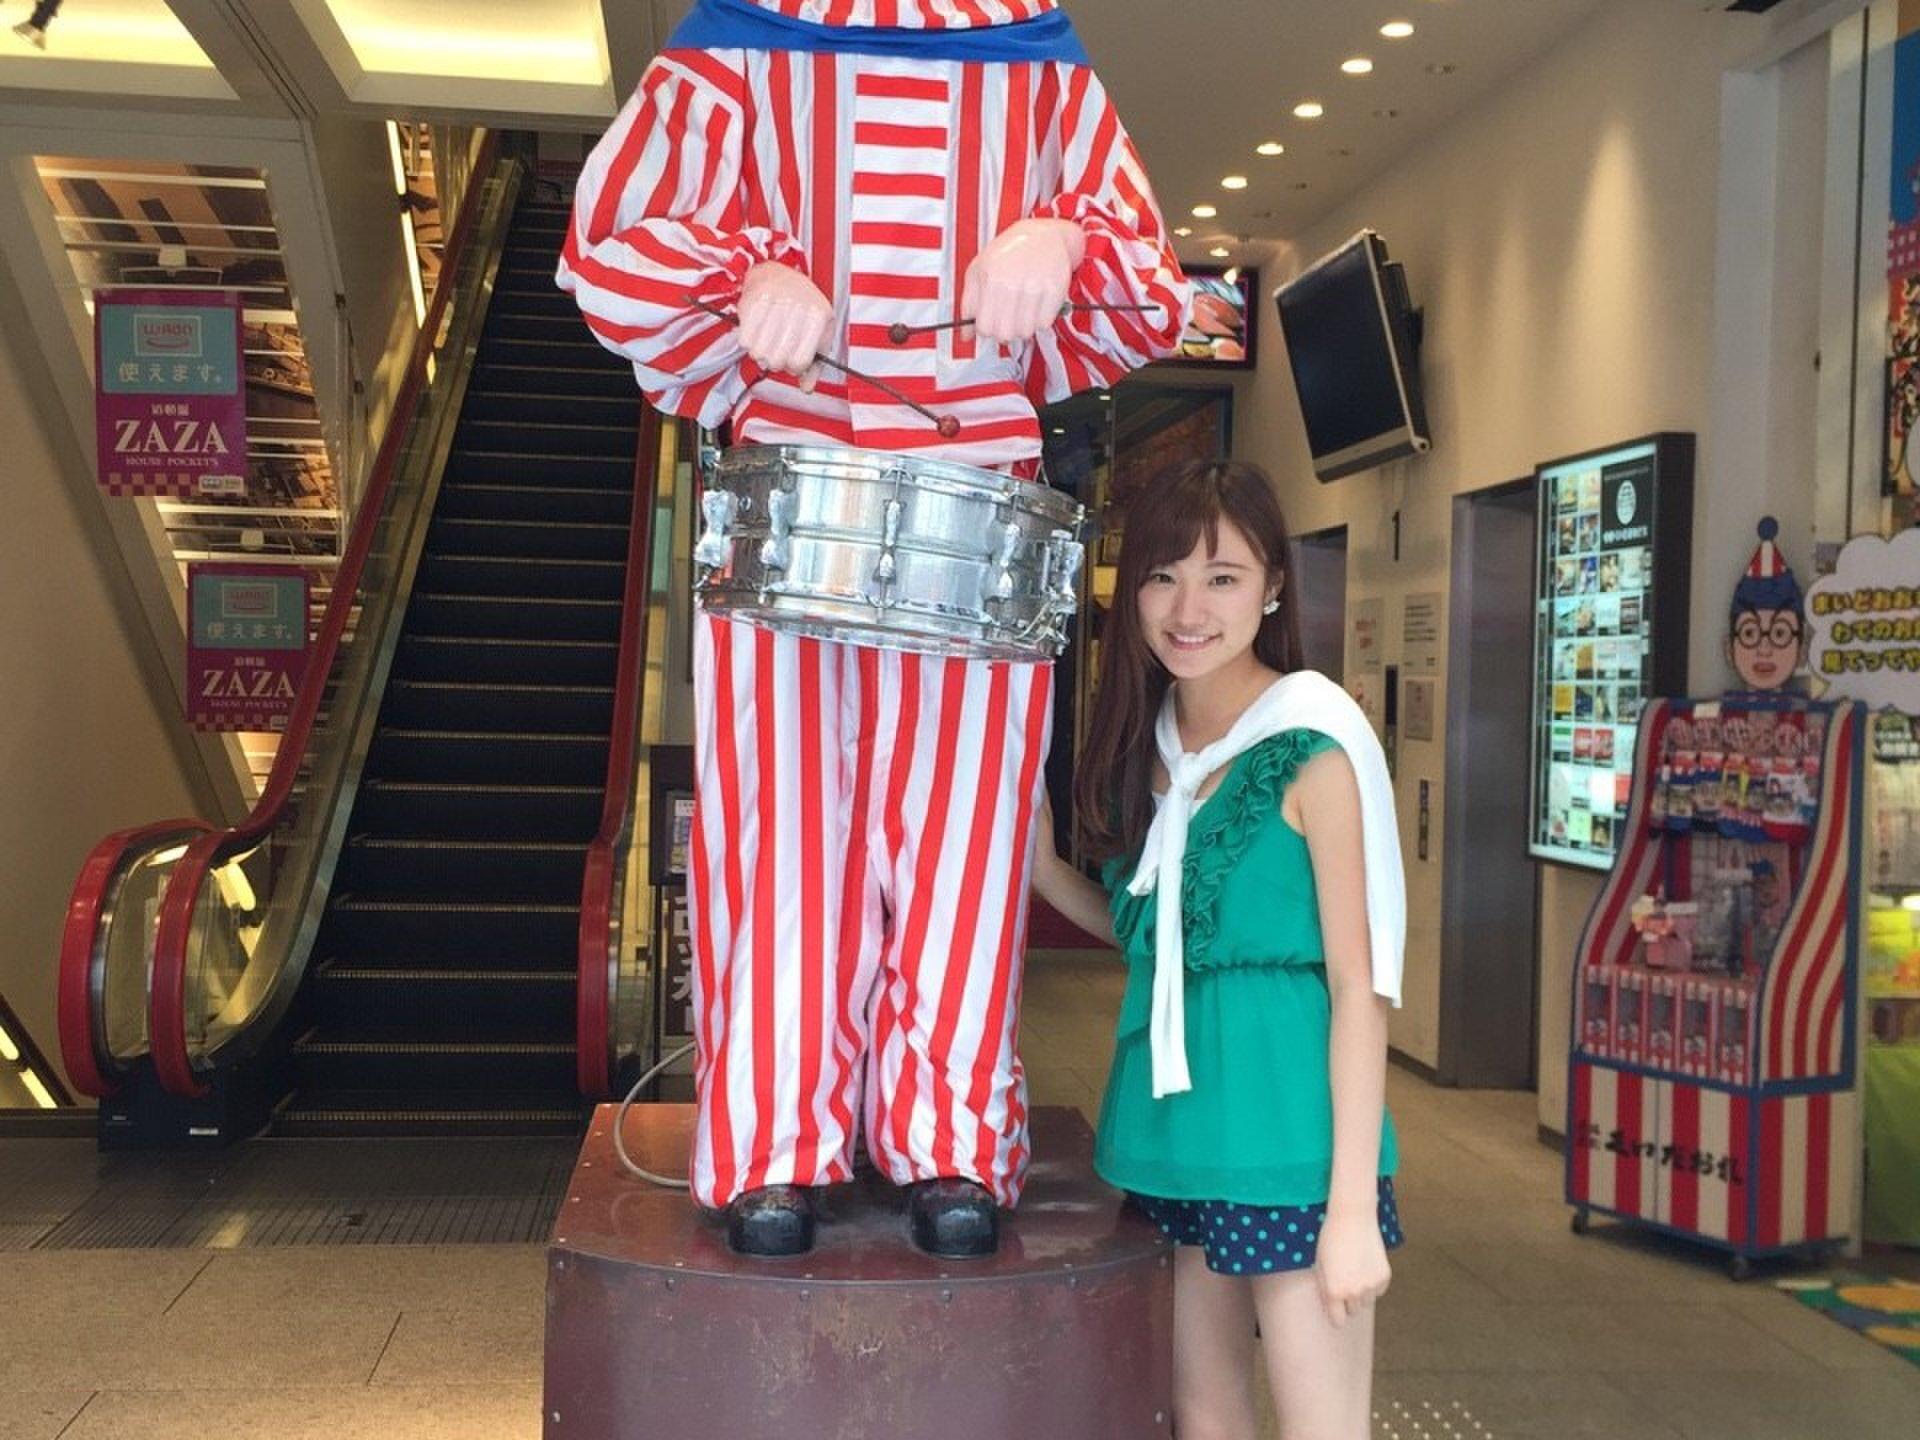 大阪人なら知っていないと恥ずかしい!?知っていたら大阪ツウ!【難波周辺のおすすめグルメ&スポット20コ】観光に♪デートに♡